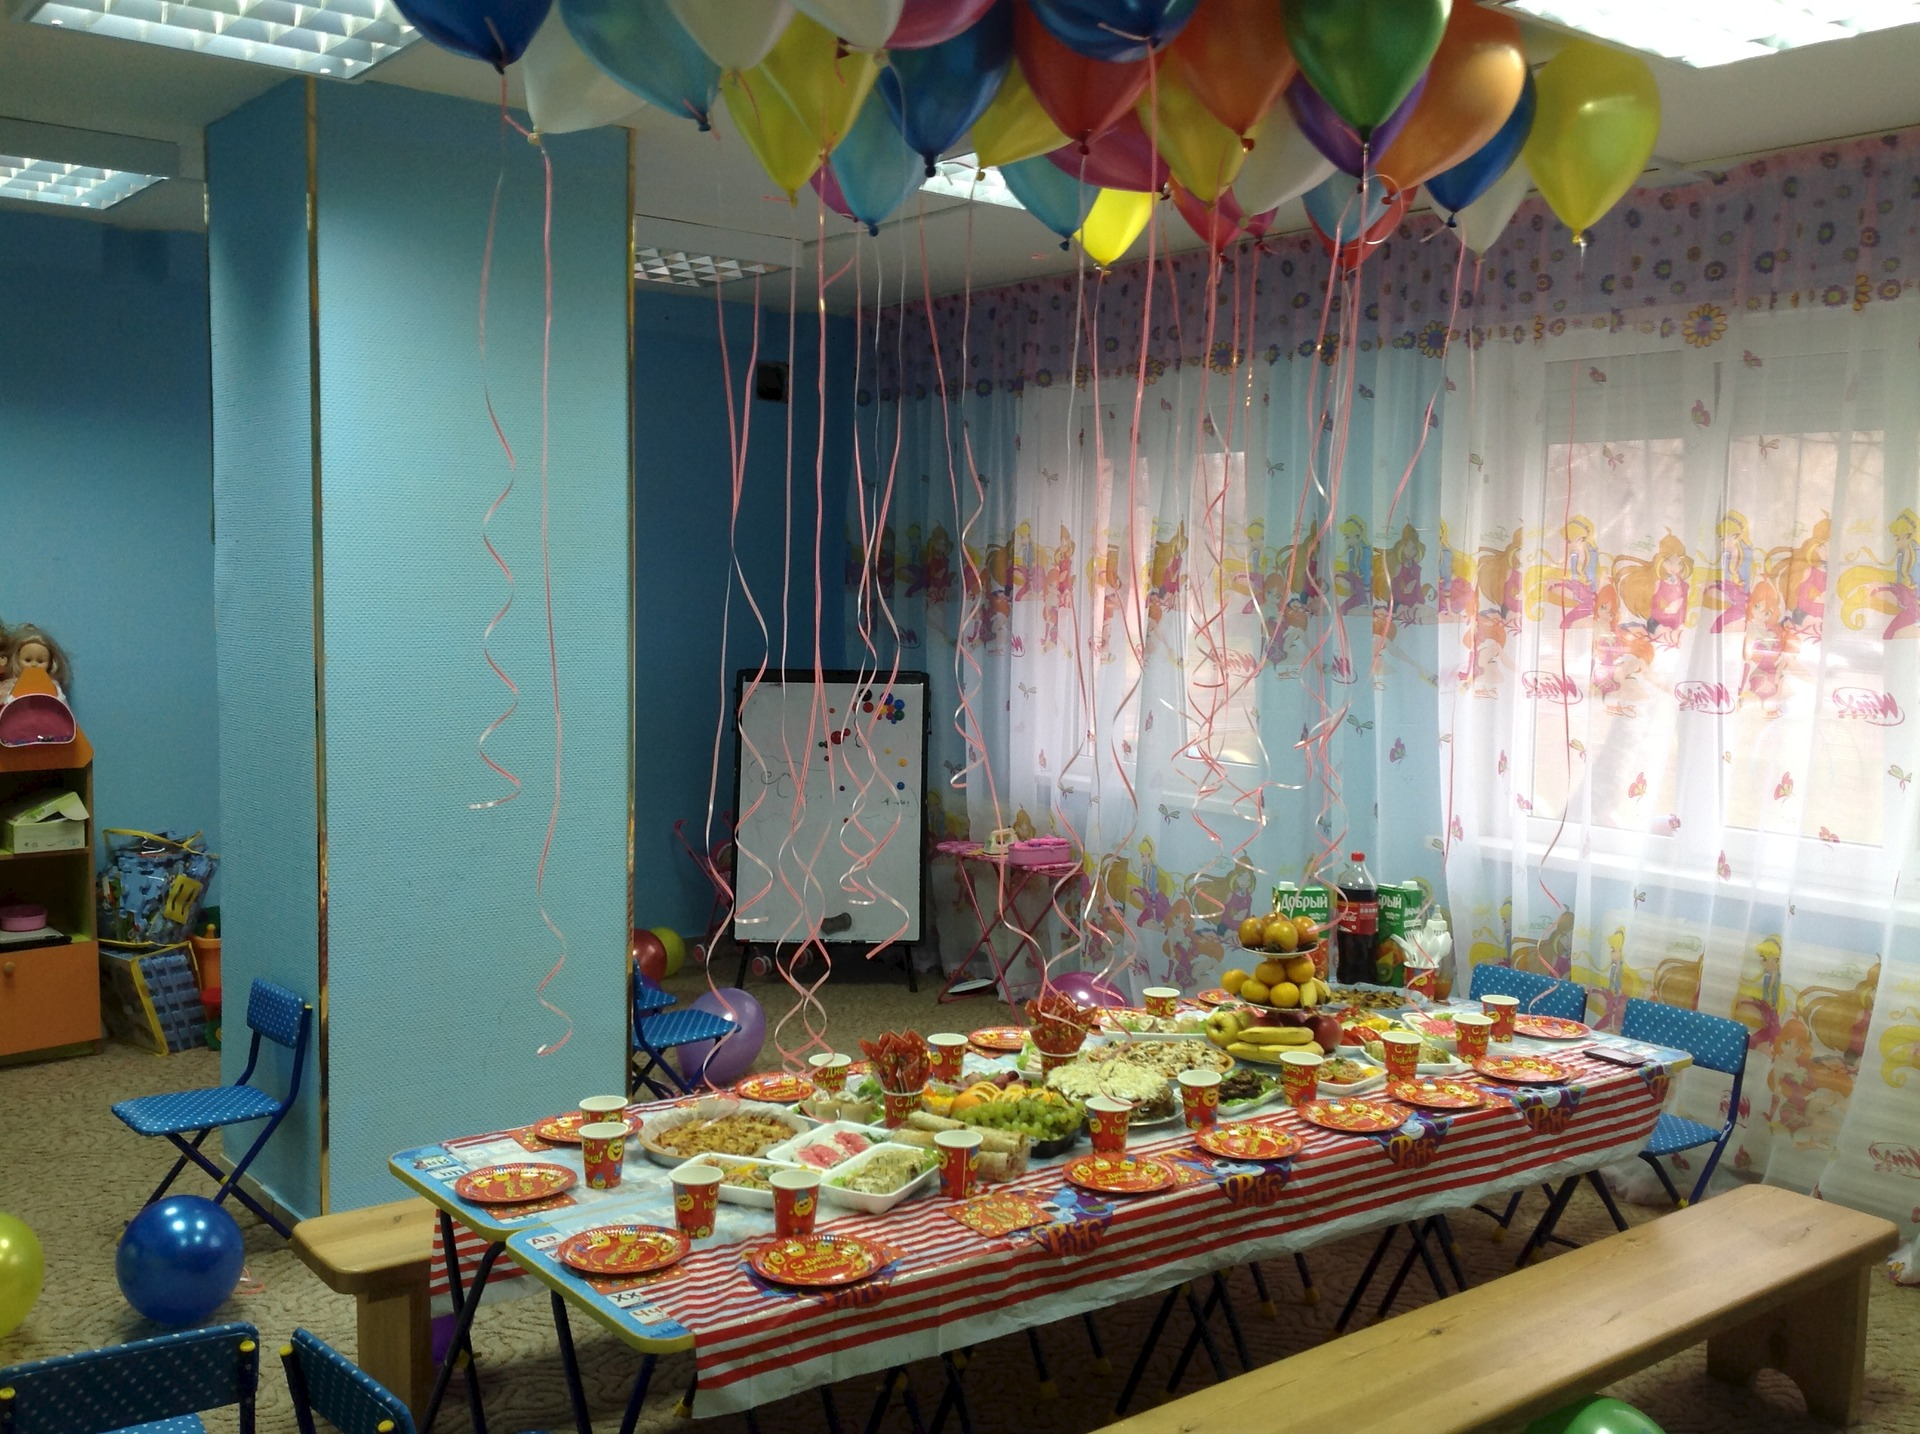 хороший коттедж для празднования дня рождения в екатеринбурге